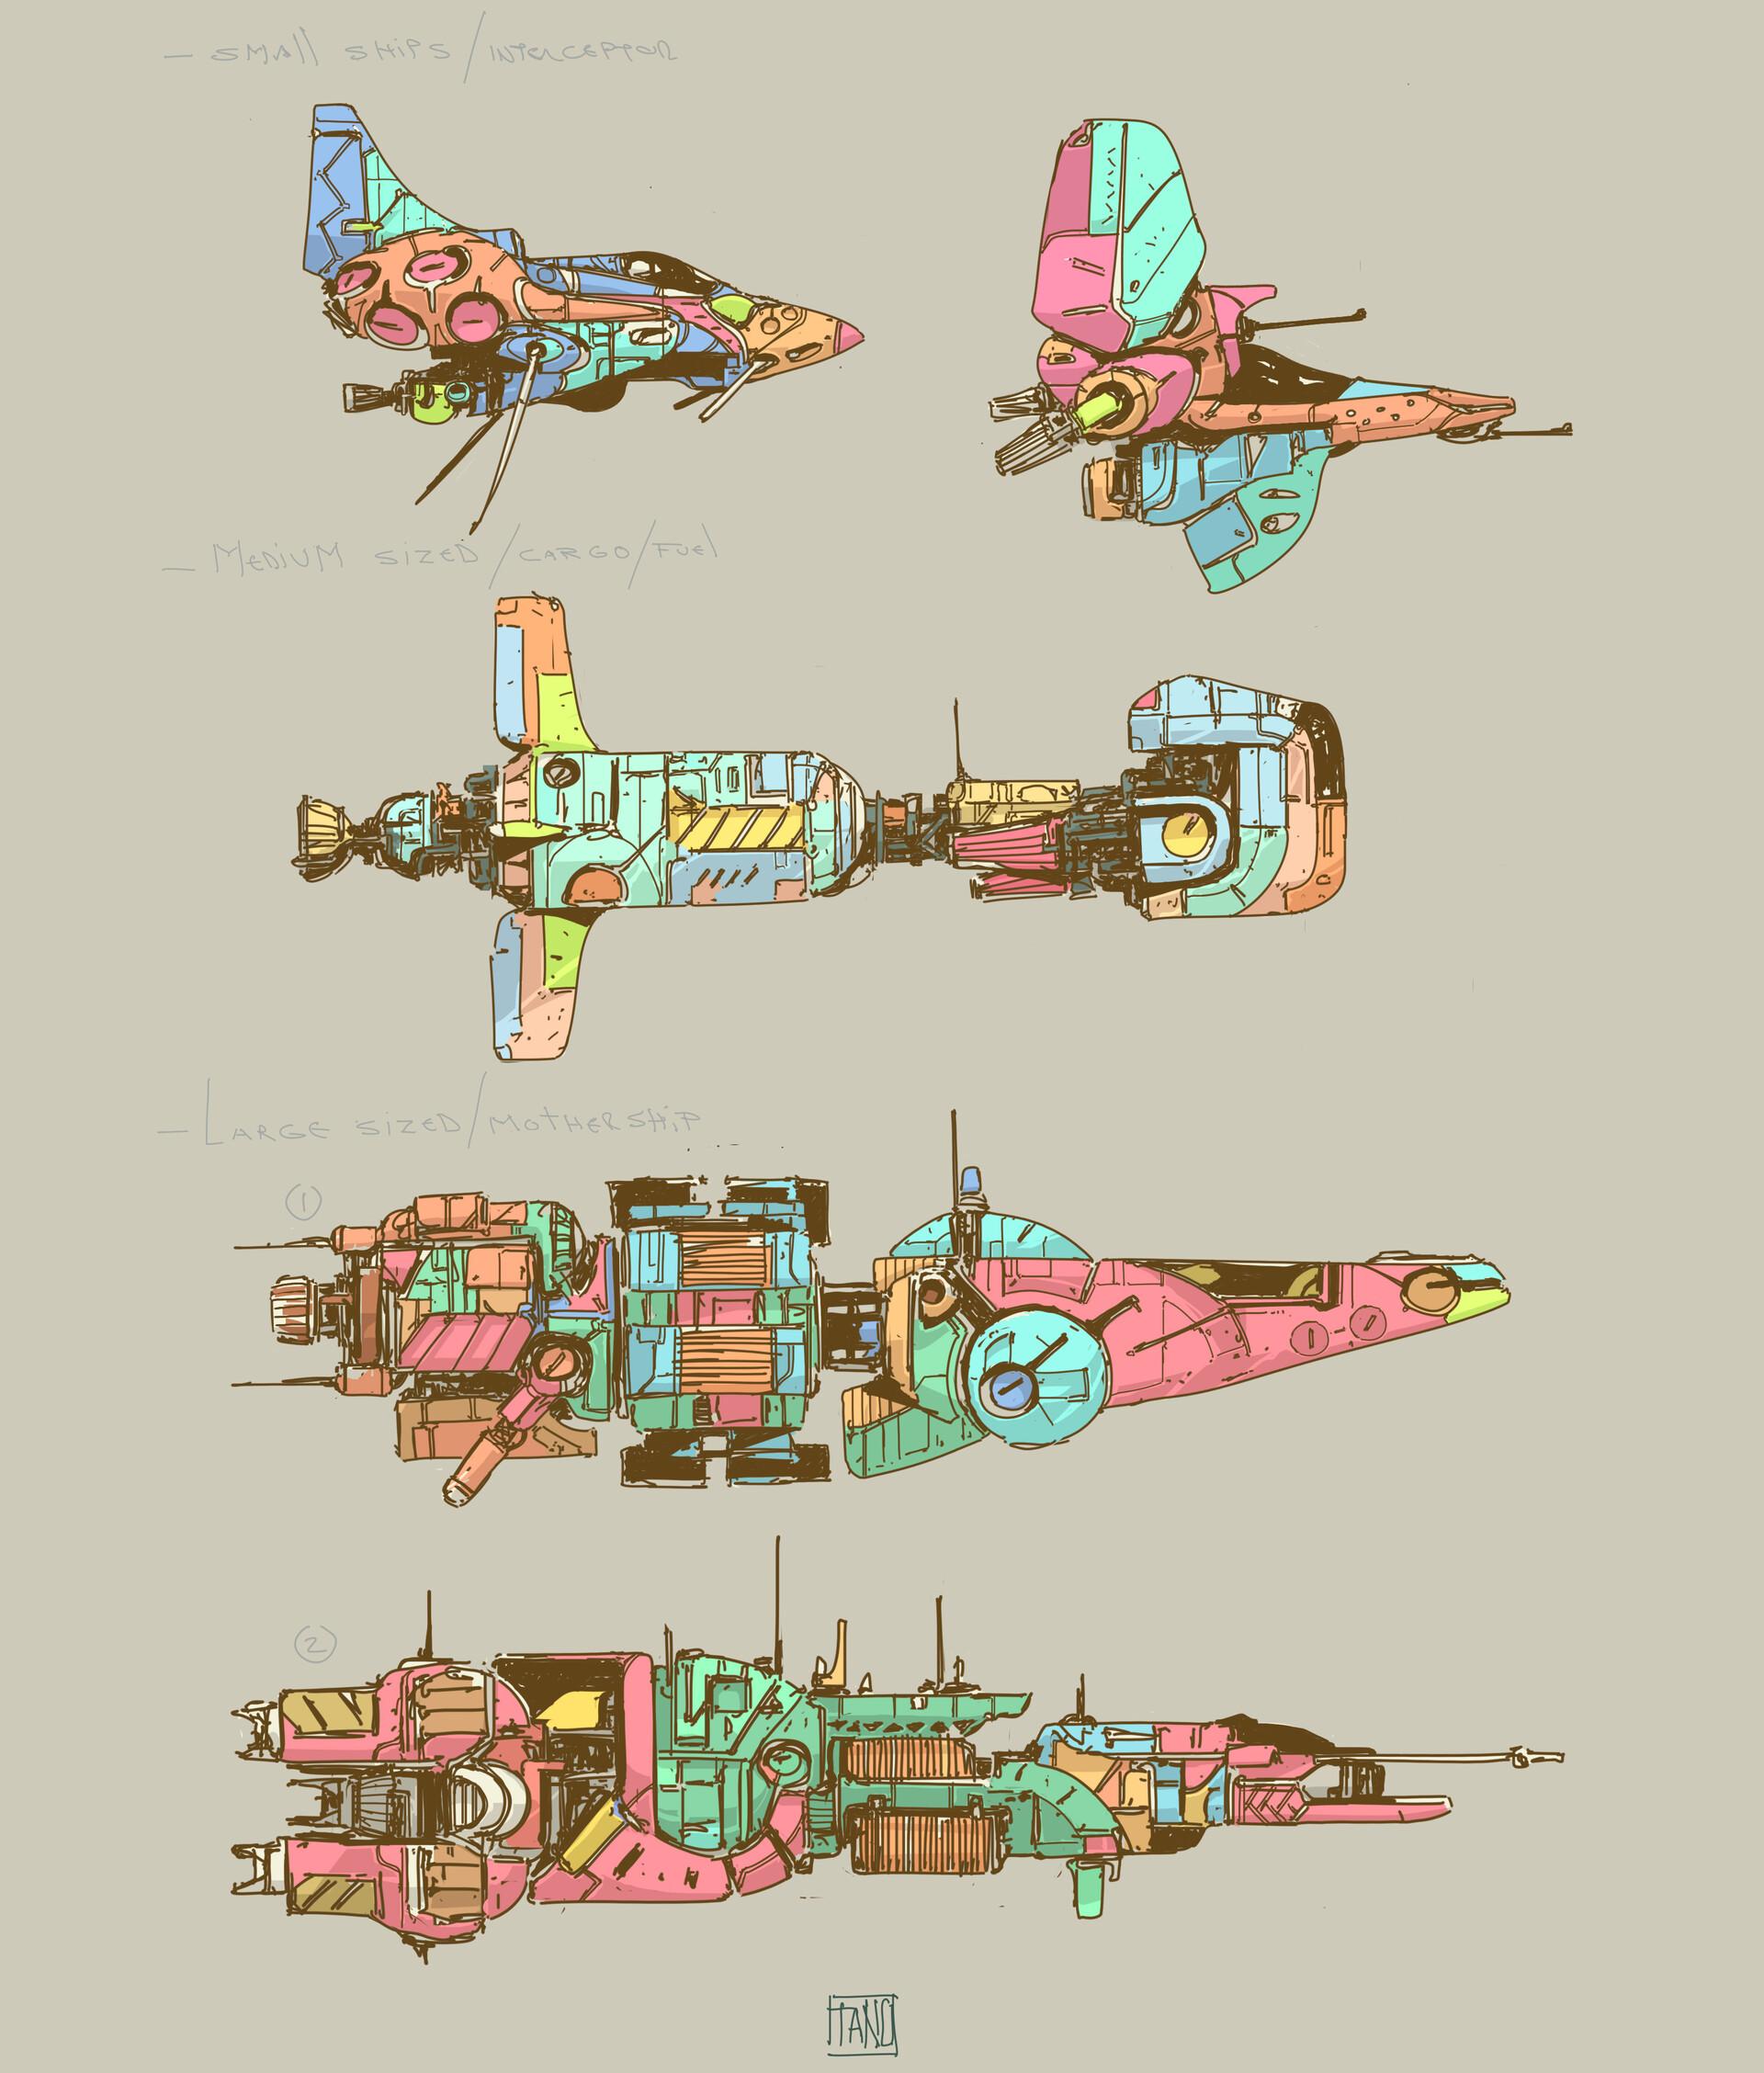 Tano bonfanti ships1